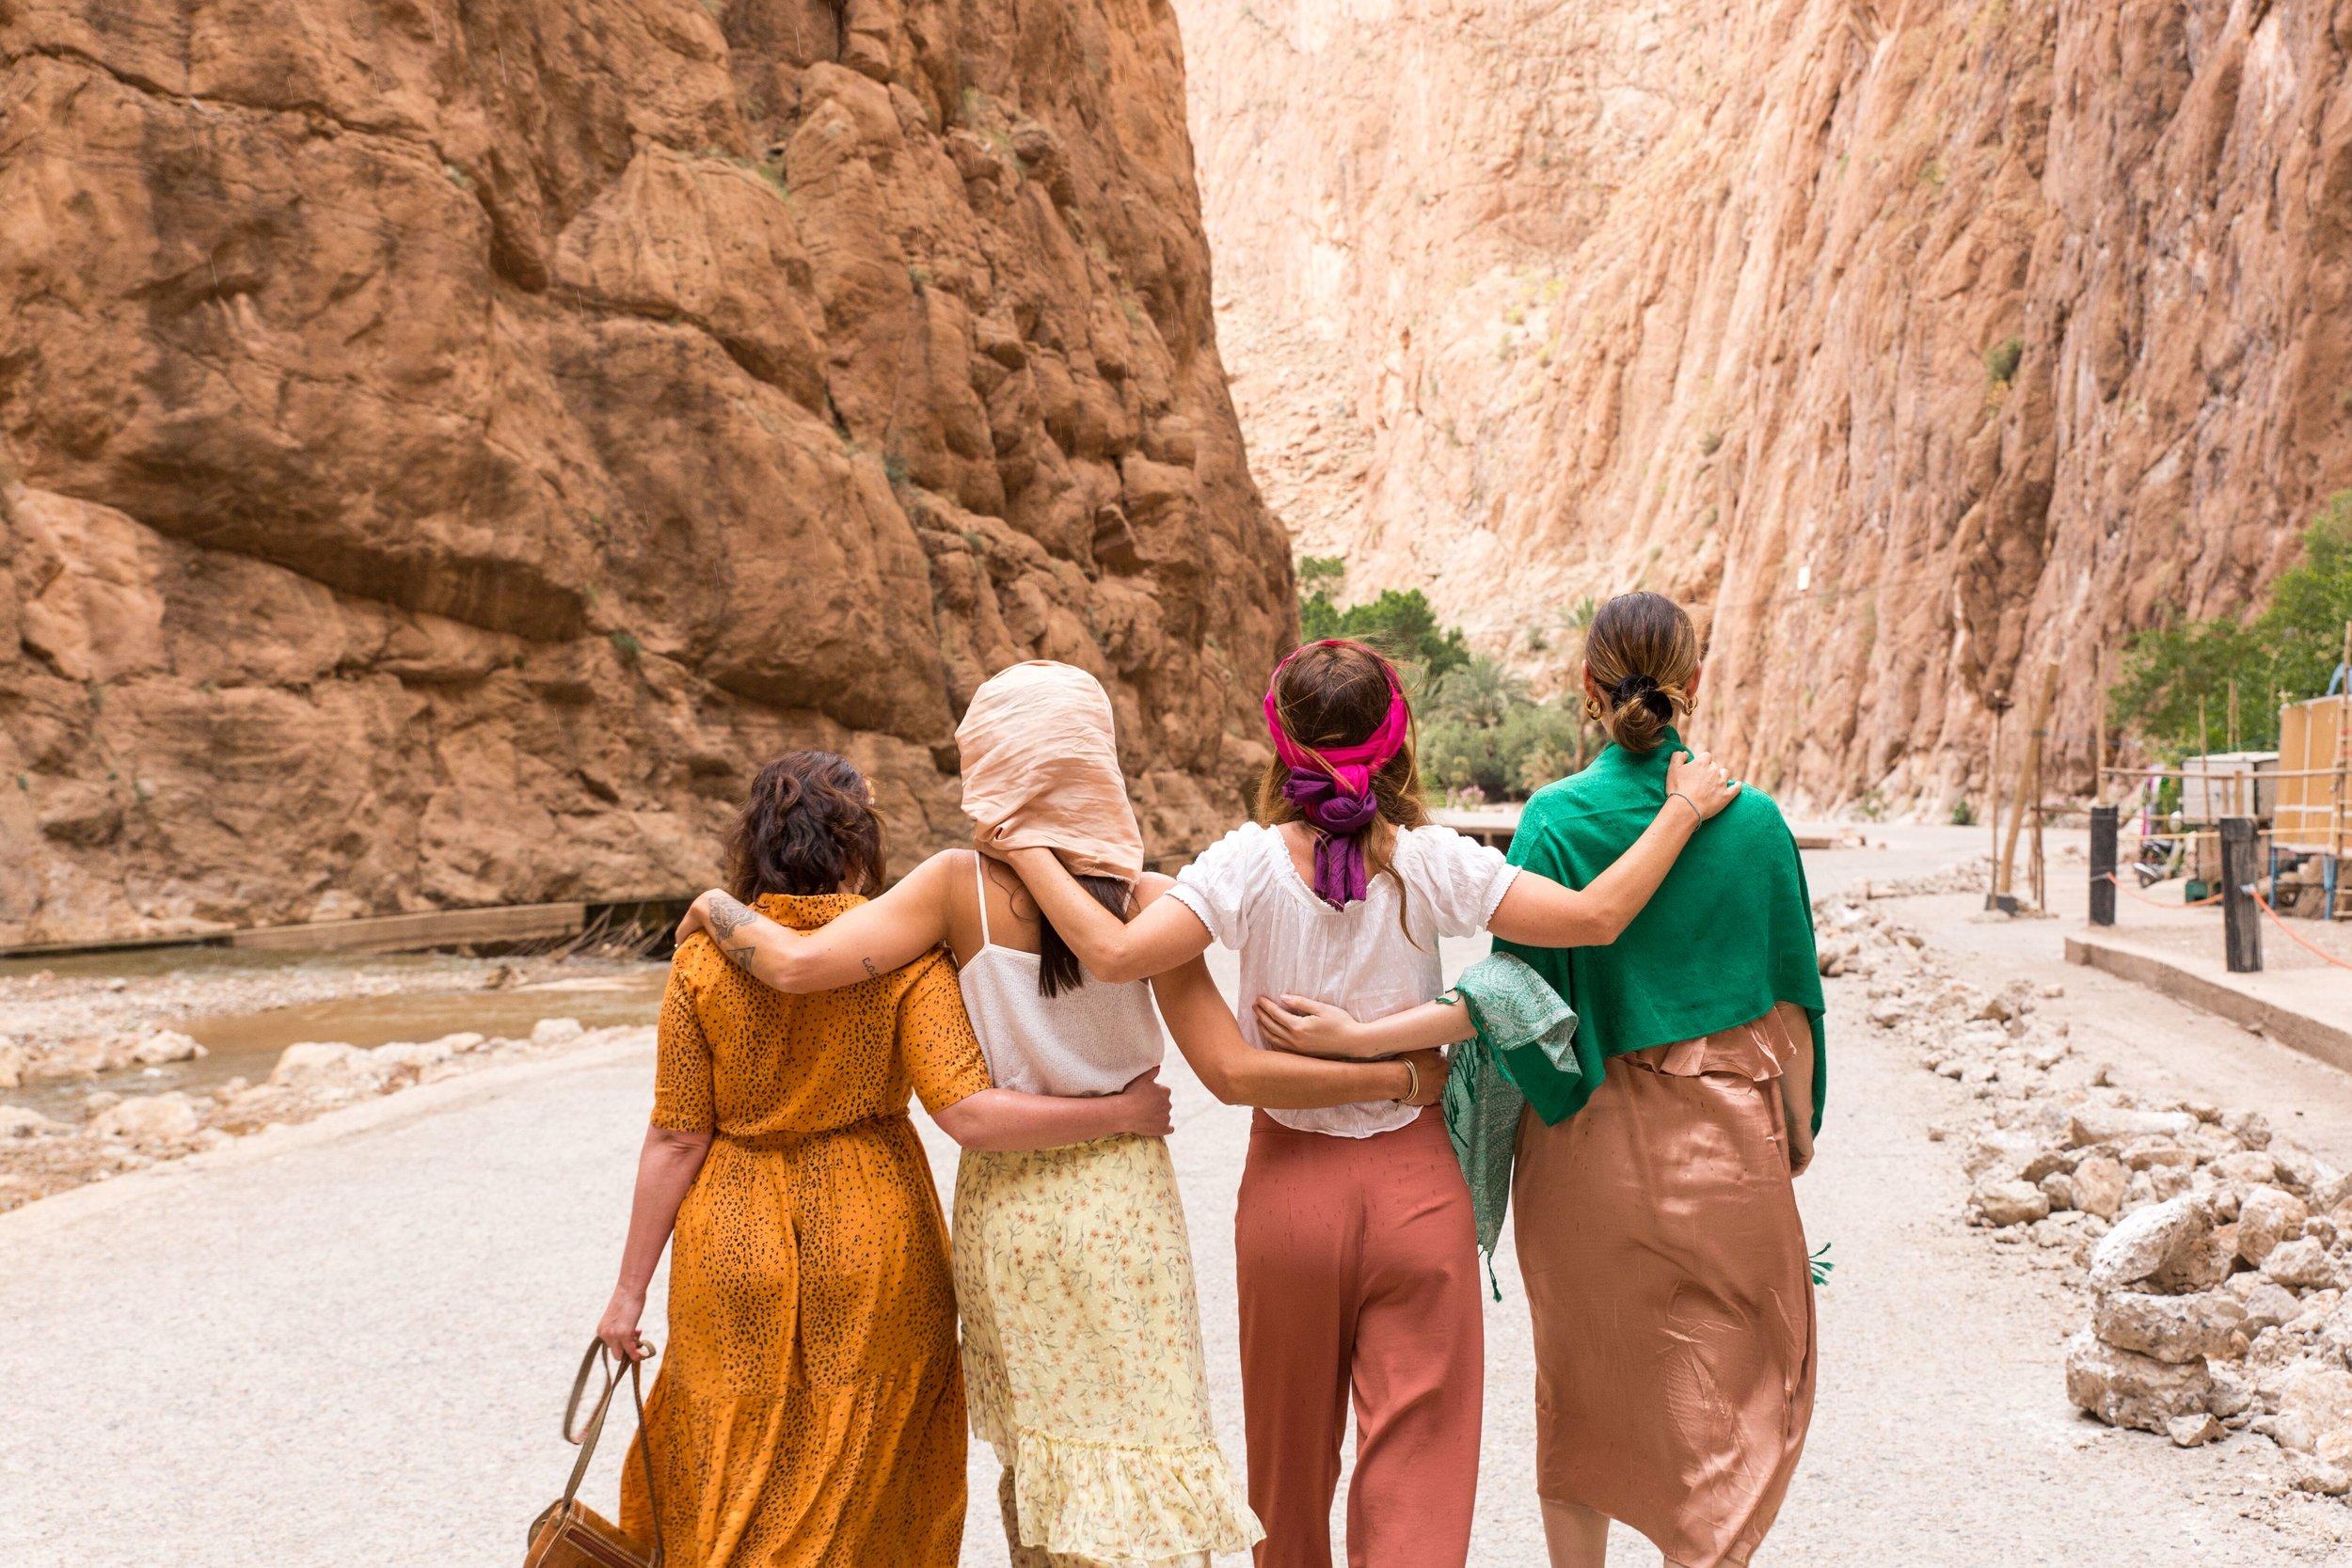 Marrakech - Sahara - De kosten voor deze reis zijn 1295,- Inclusief: 3 maaltijden per dag, 9 overnachtingen in mooie lodges en een luxe tentenkamp in de Sahara. Transport voor de gehele reis inclusief pick up en drop off vanaf het vliegveld in Marrakech. Excursies met lokale gidsen. Nederlandse en lokale begeleiding en chauffeur. Meditaties om echt te kunnen connectie met de krachtige energie in het land en zo tijdens het reizen ook een reis naar binnen te kunnen maken.